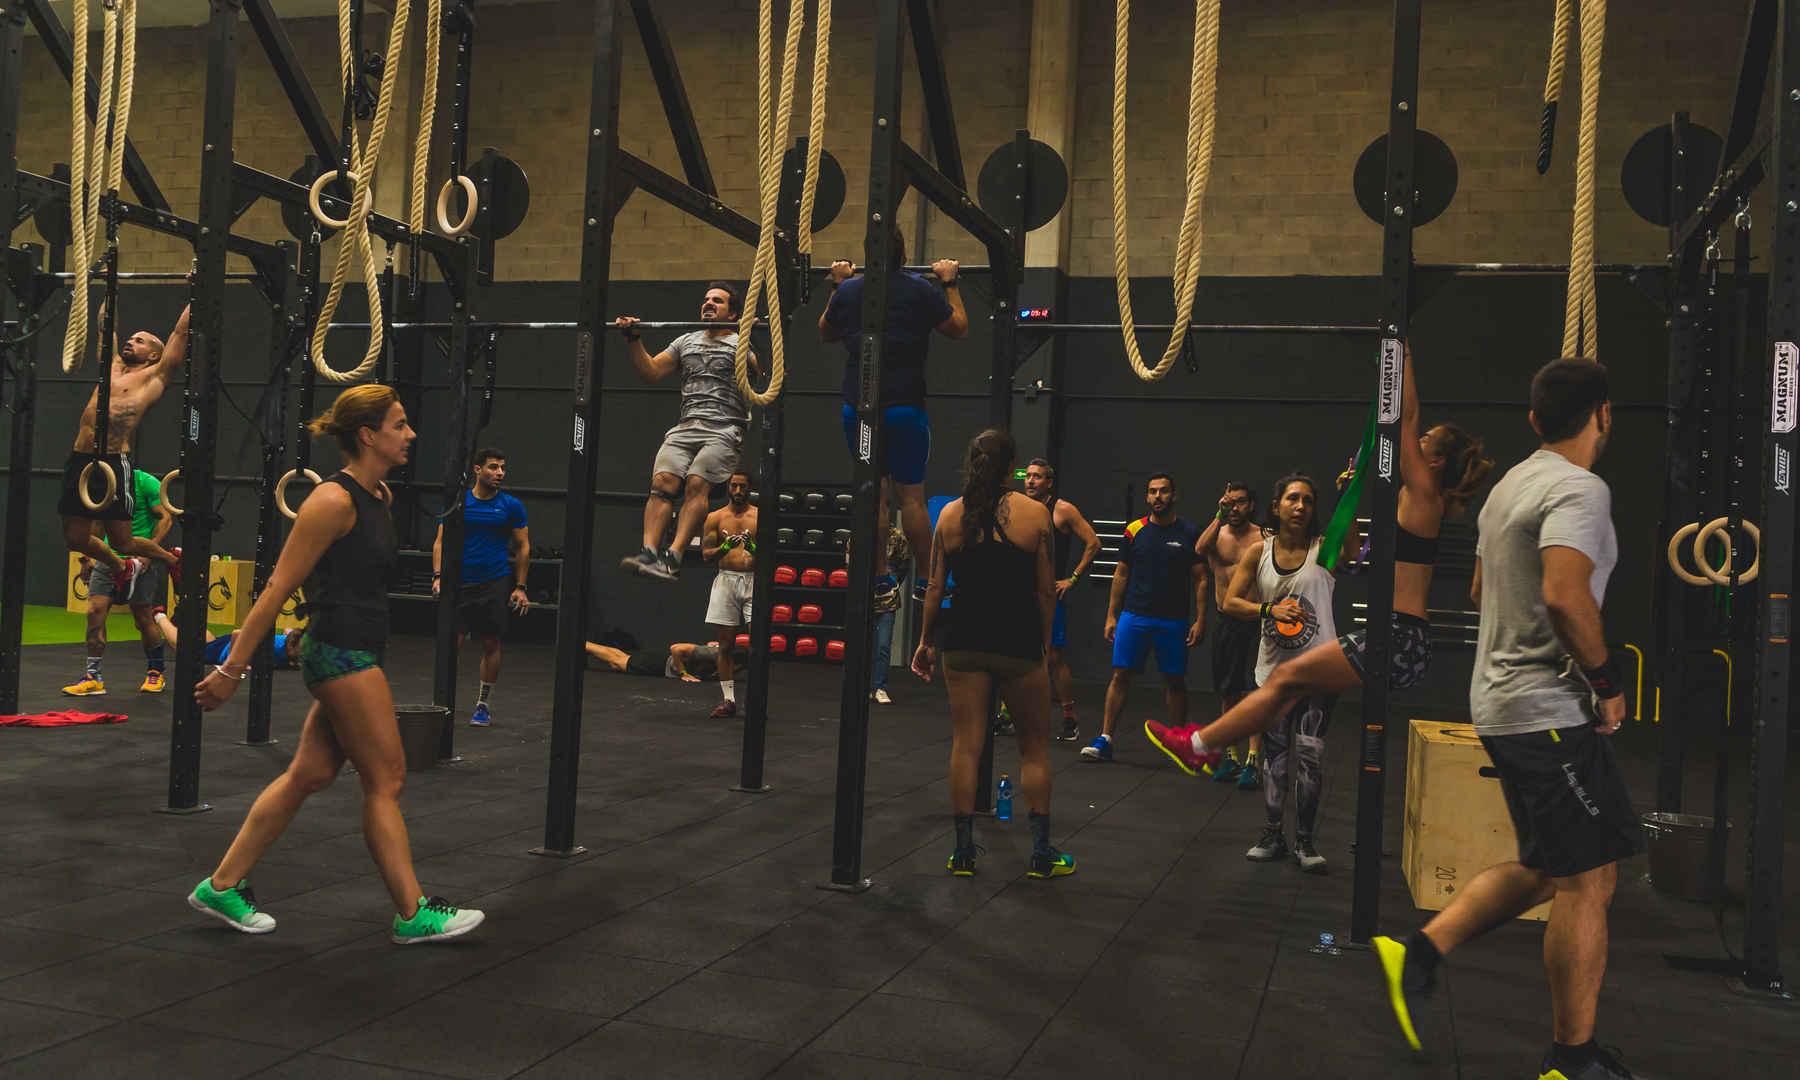 Inauguración - CrossFit DRK Bergondo - Coruña - Sada